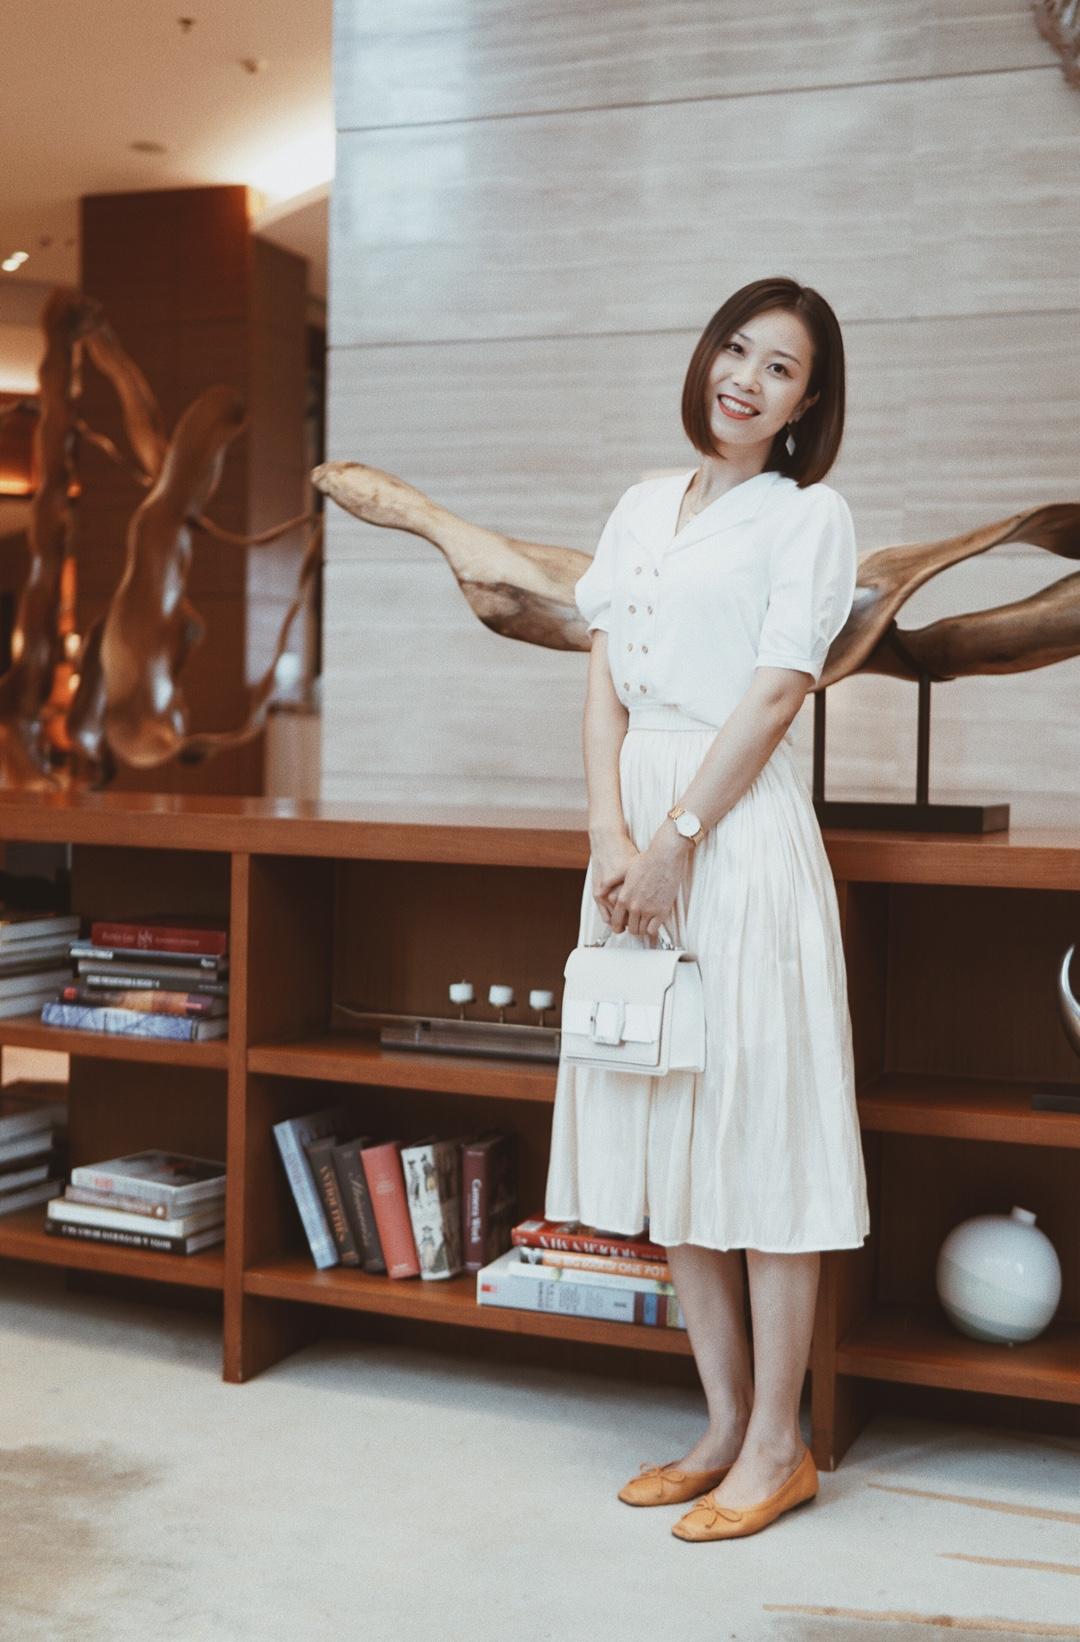 #今天,是小甜剧女主本人#超级温柔的一套,太美咯!白色衬衫很复古,搭配了香槟色光泽半裙,气质爆棚!小包搭配上,超甜!